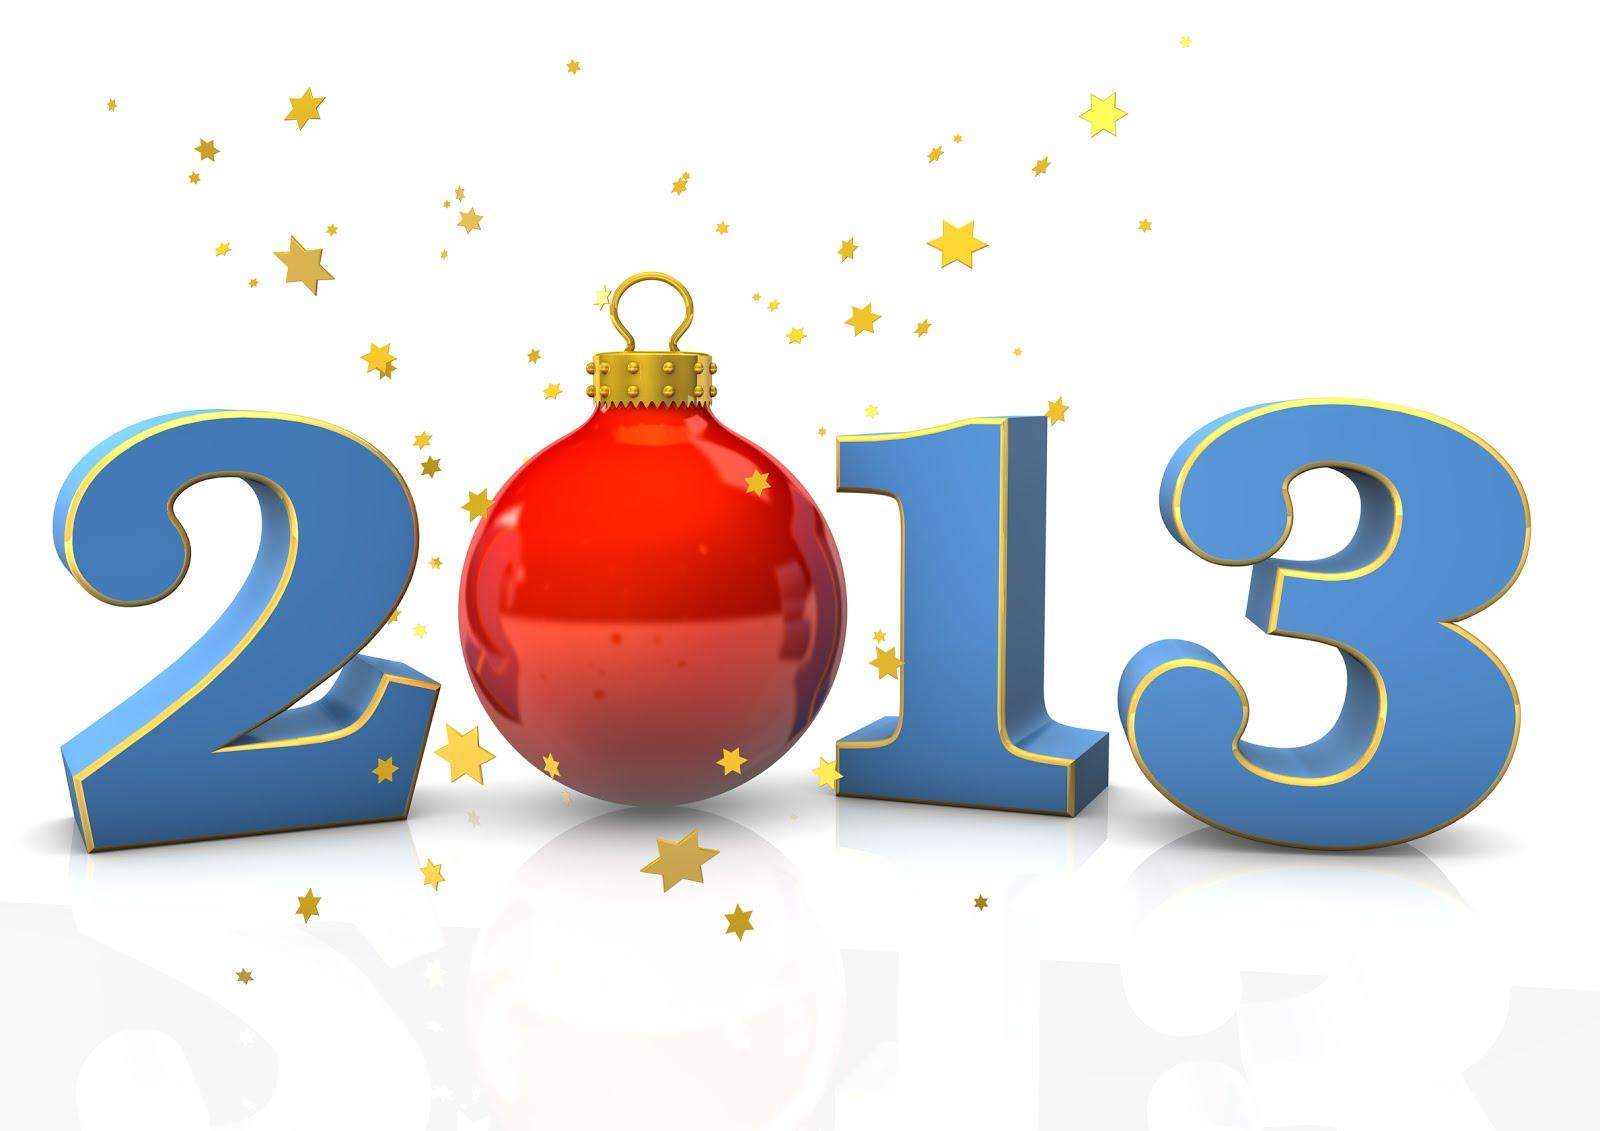 Baños Para Navidad Ano Nuevo:Imagenes De Feliz Ano Nuevo